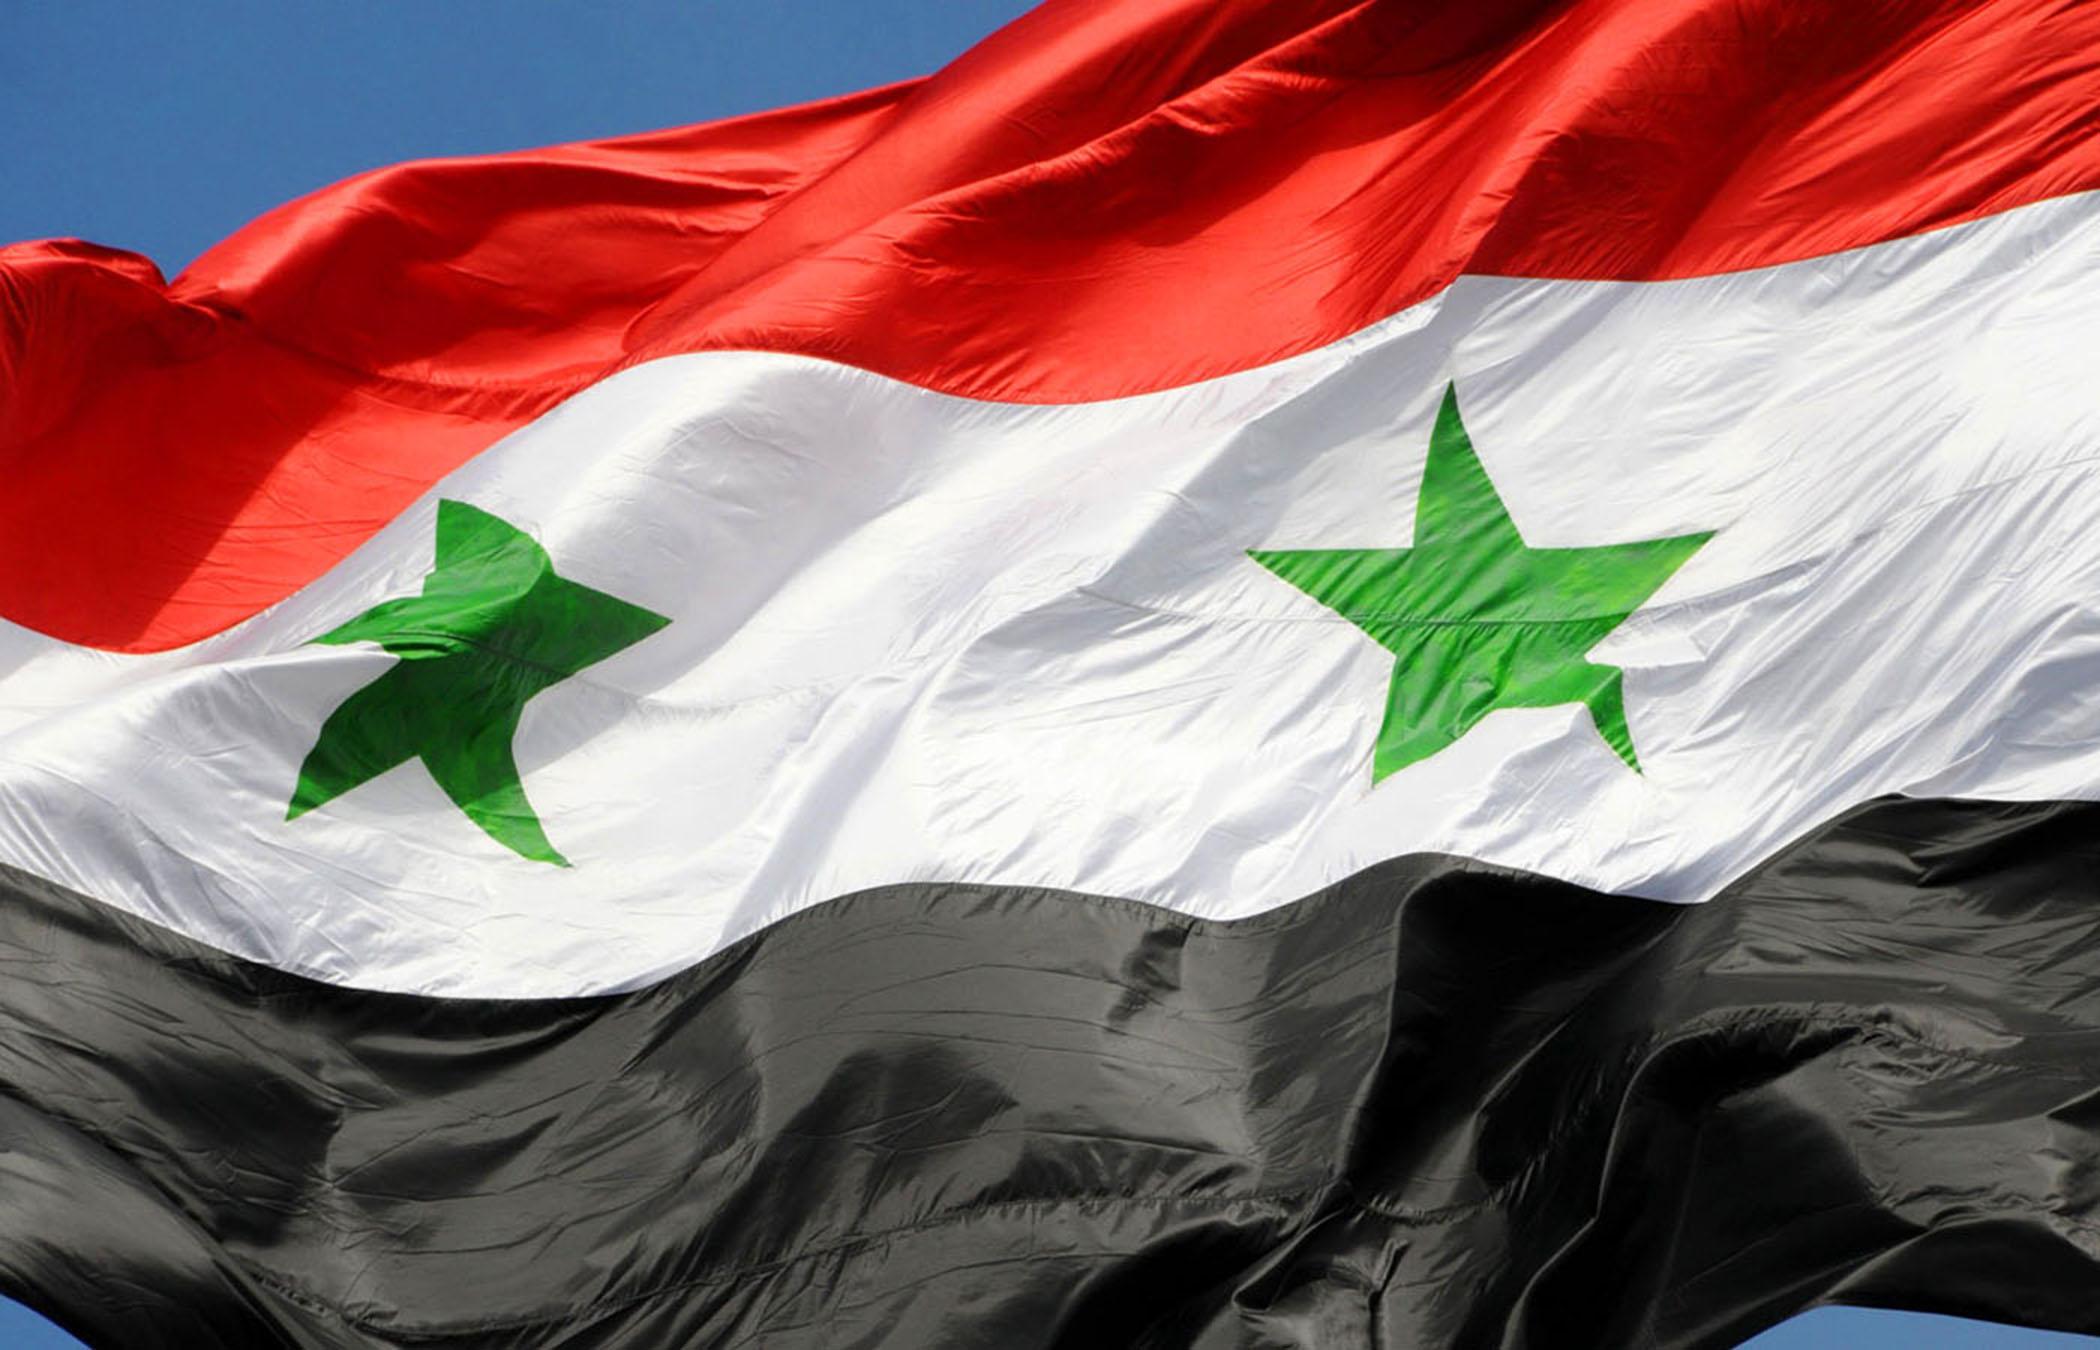 التطورات السورية اليوم الثلاثاء 18-12-2018